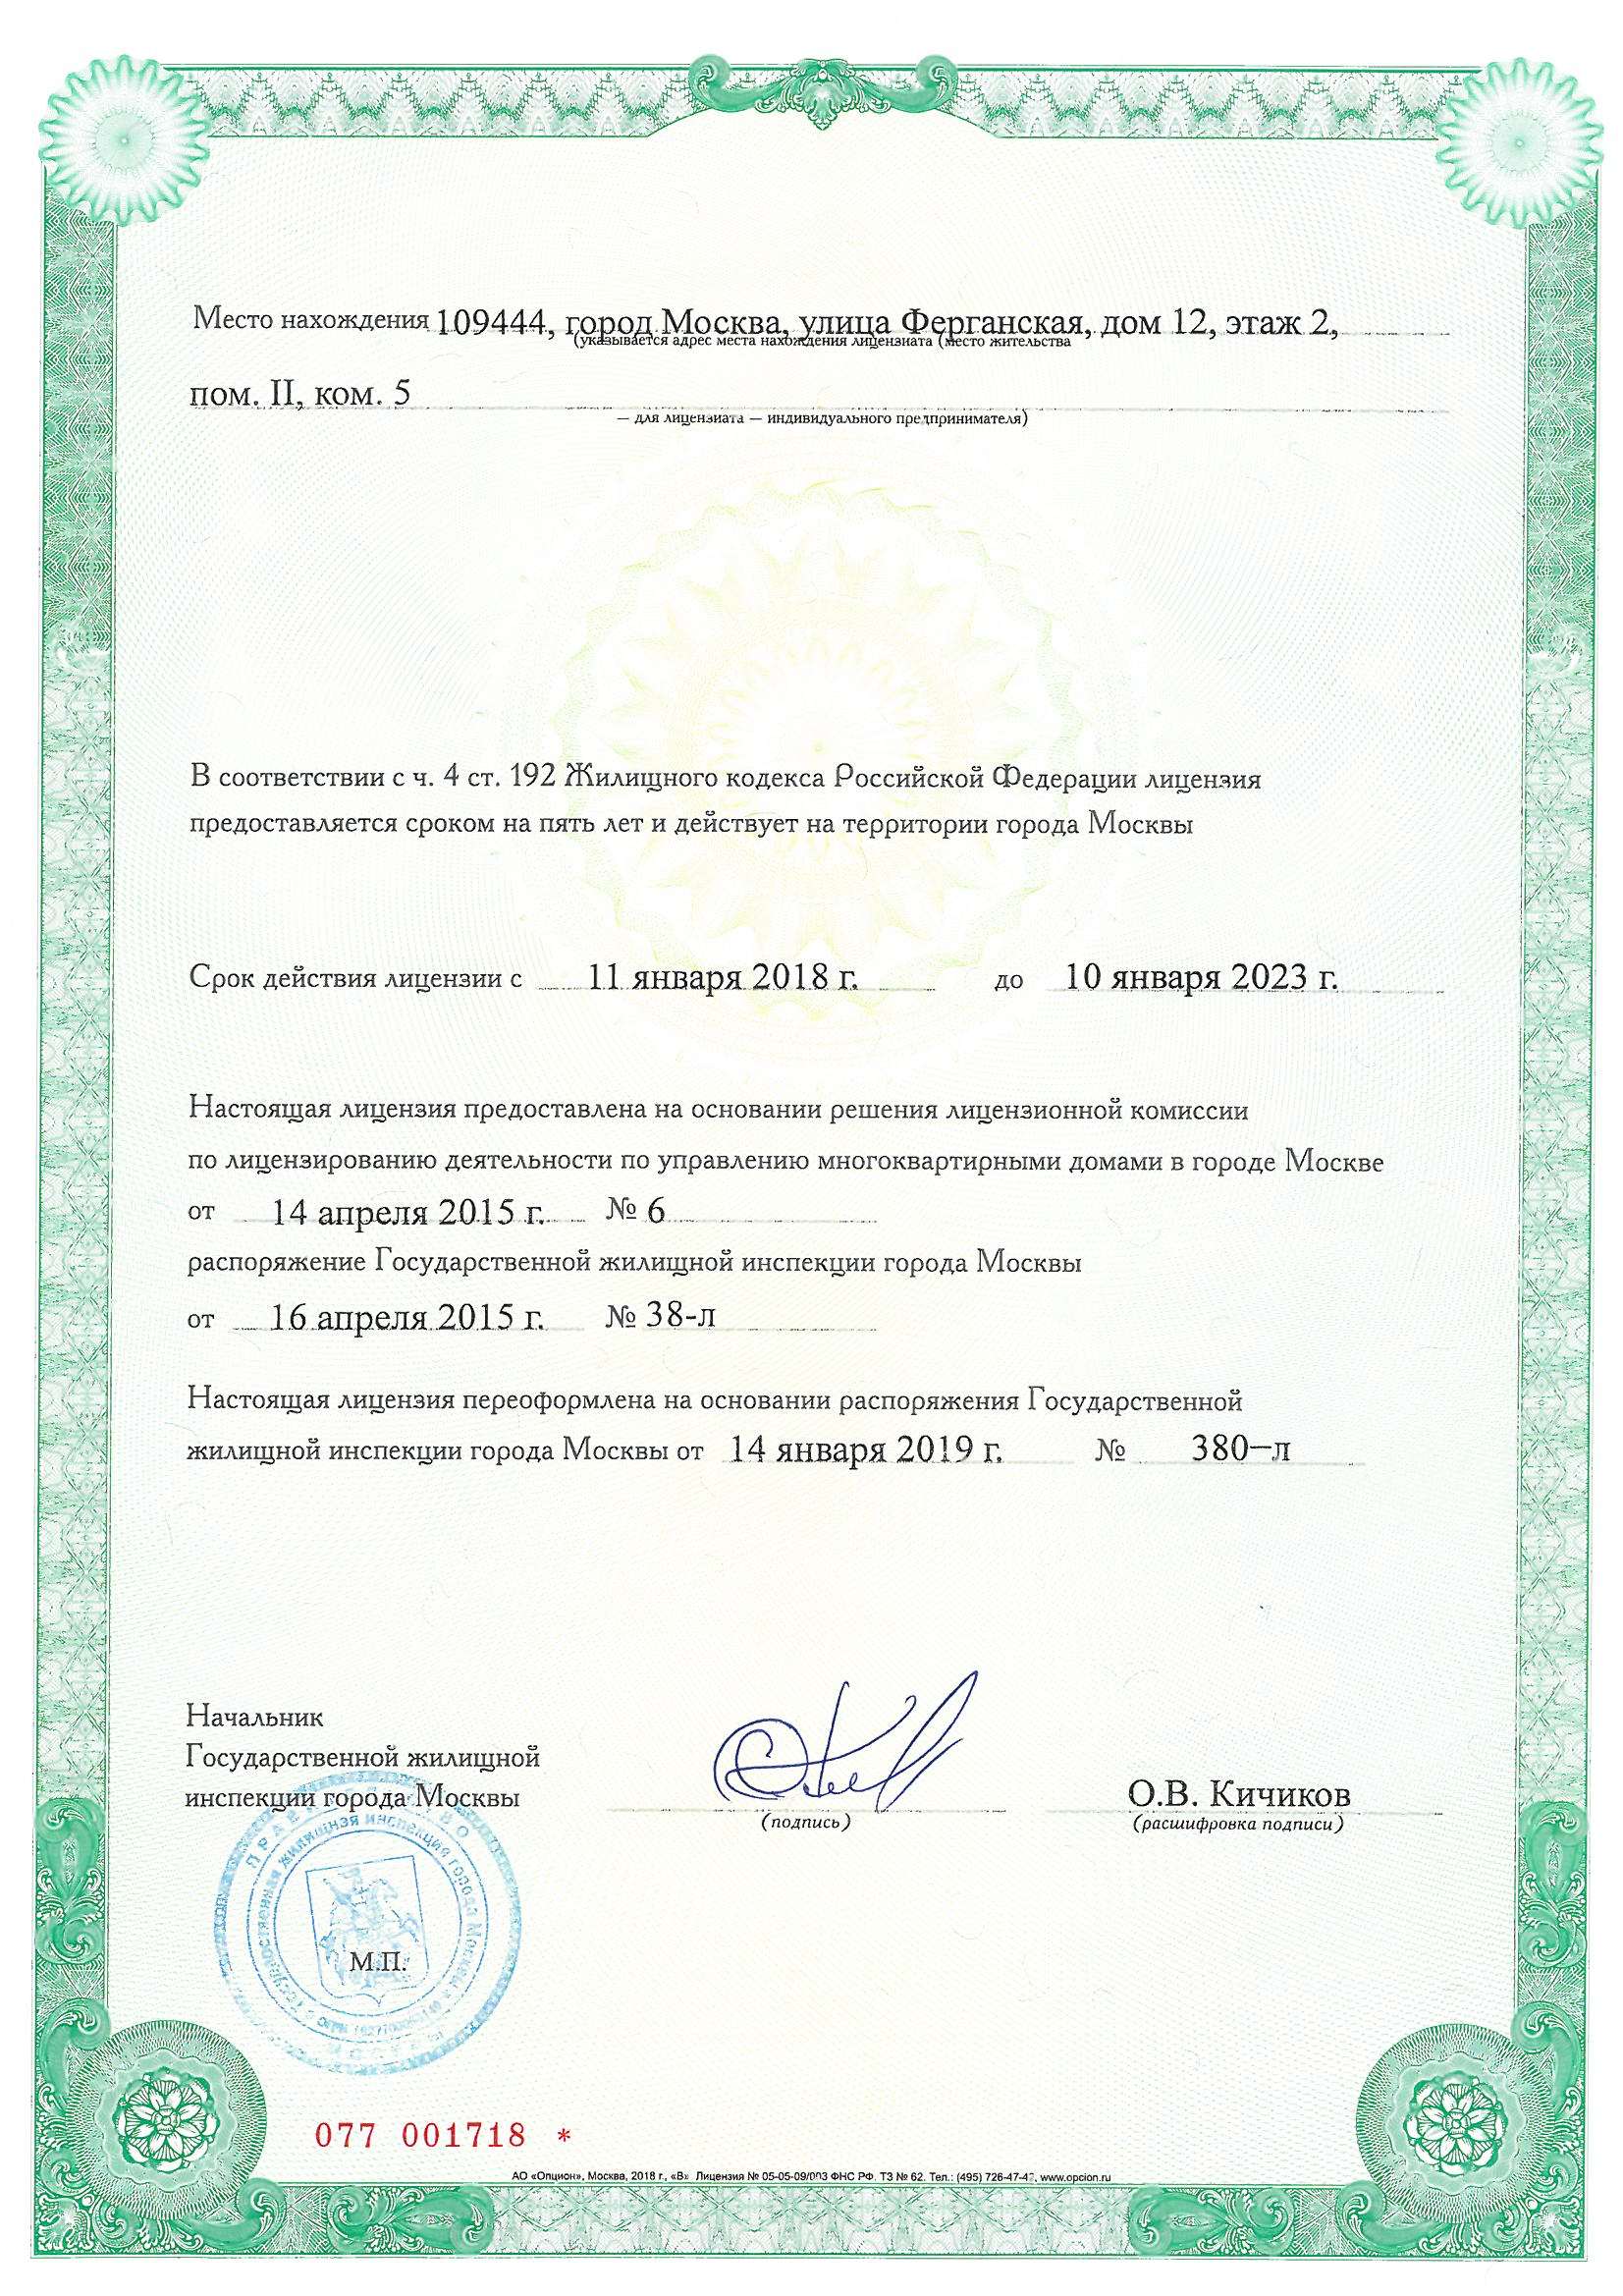 Так выглядит лицензия управляющих организаций на деятельность по управлению домами